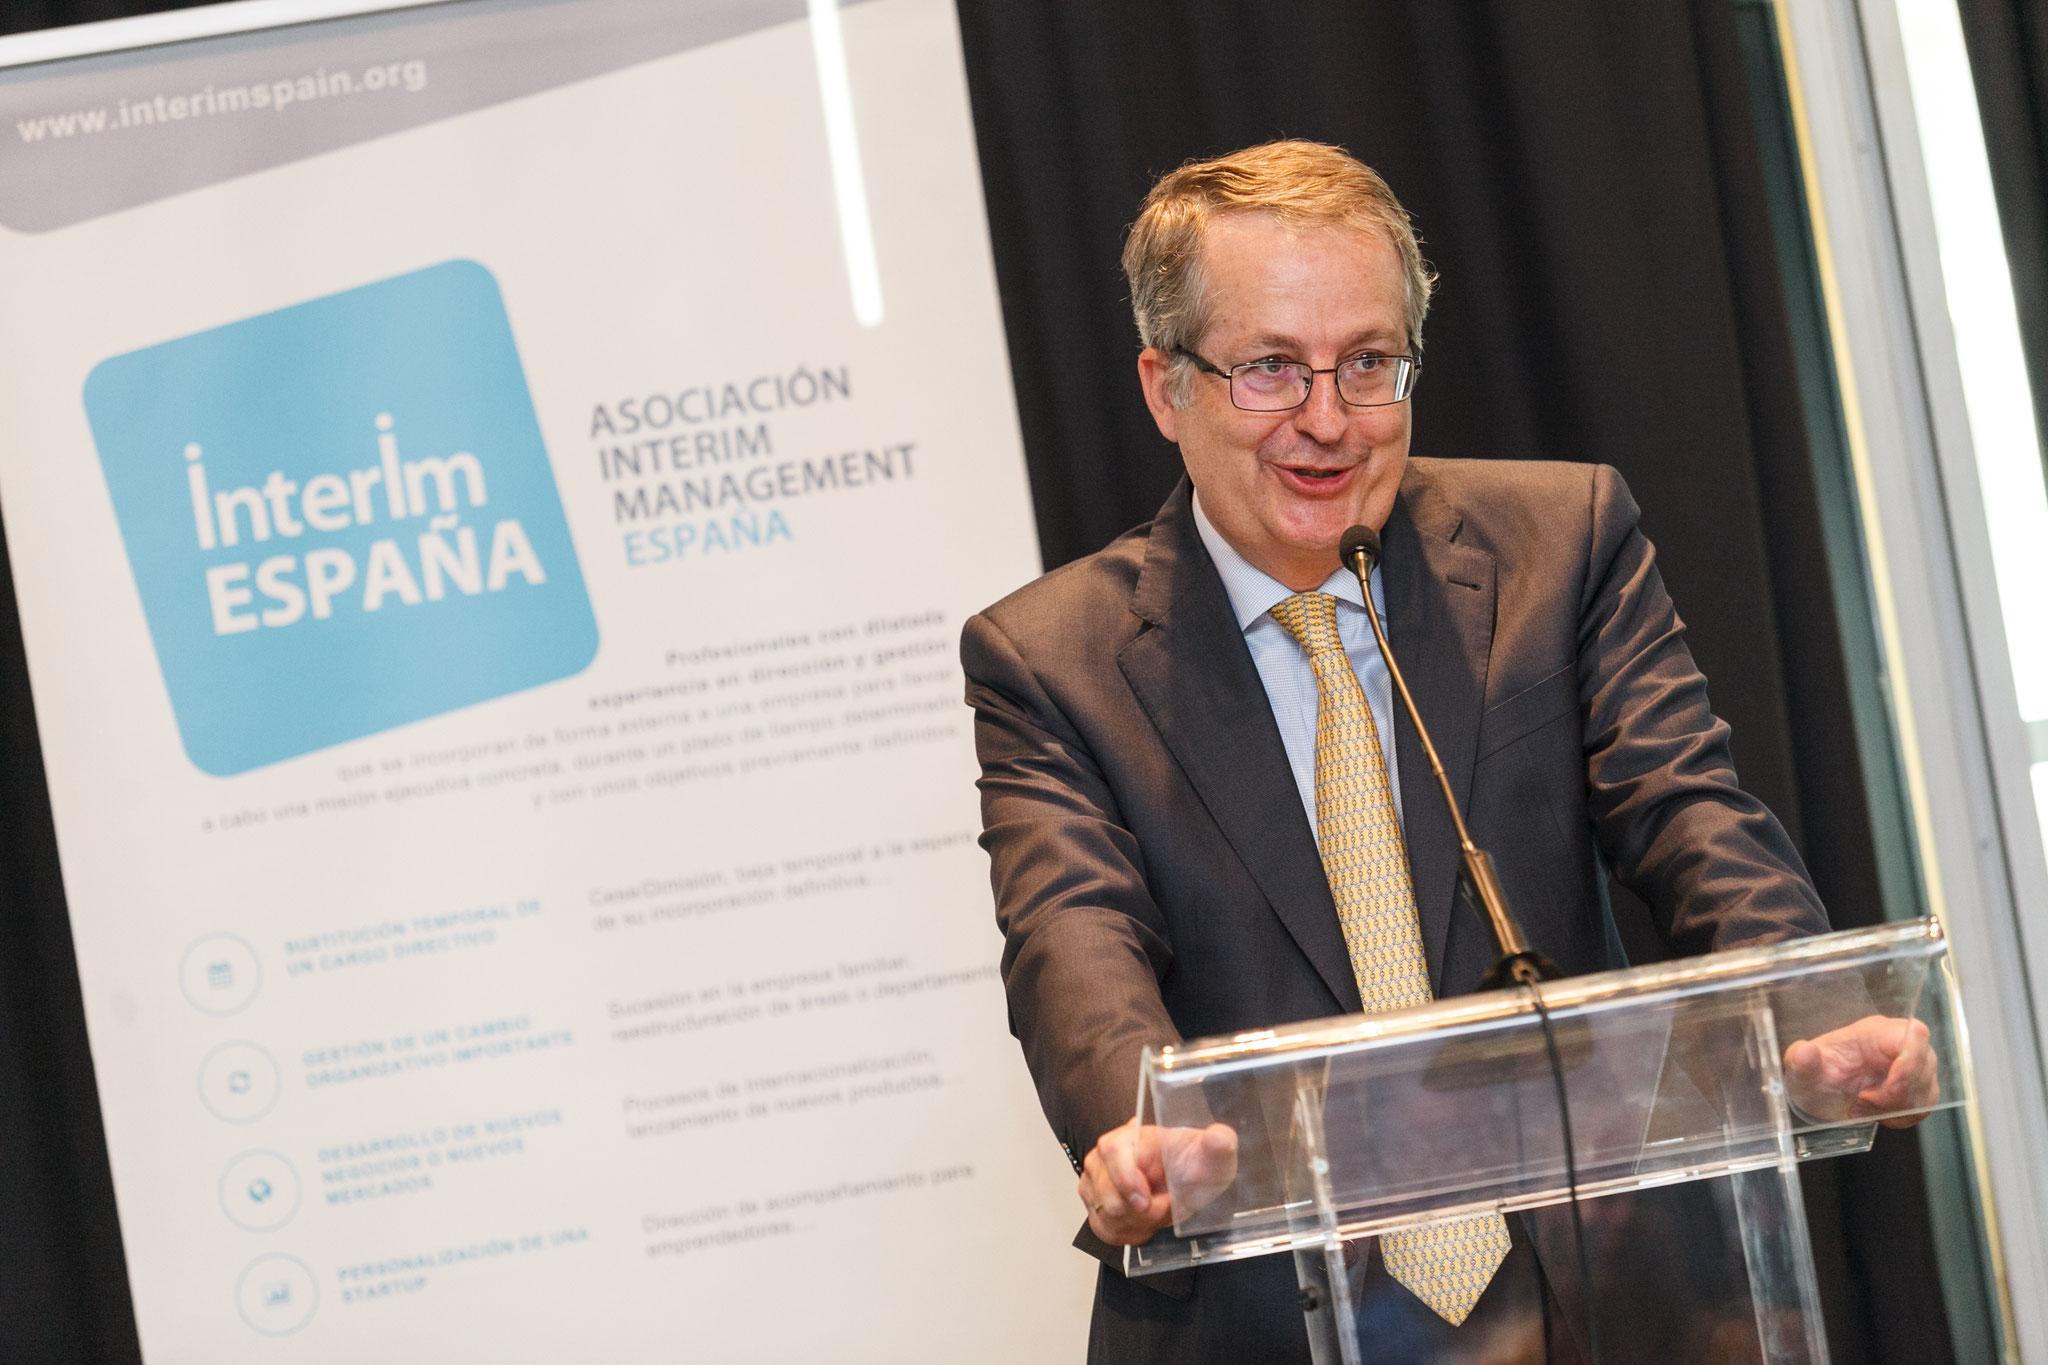 El futuro de Management y los nuevo modelos de gestión empresarial | Javier Fernández Aguado - Presidente de MindValue